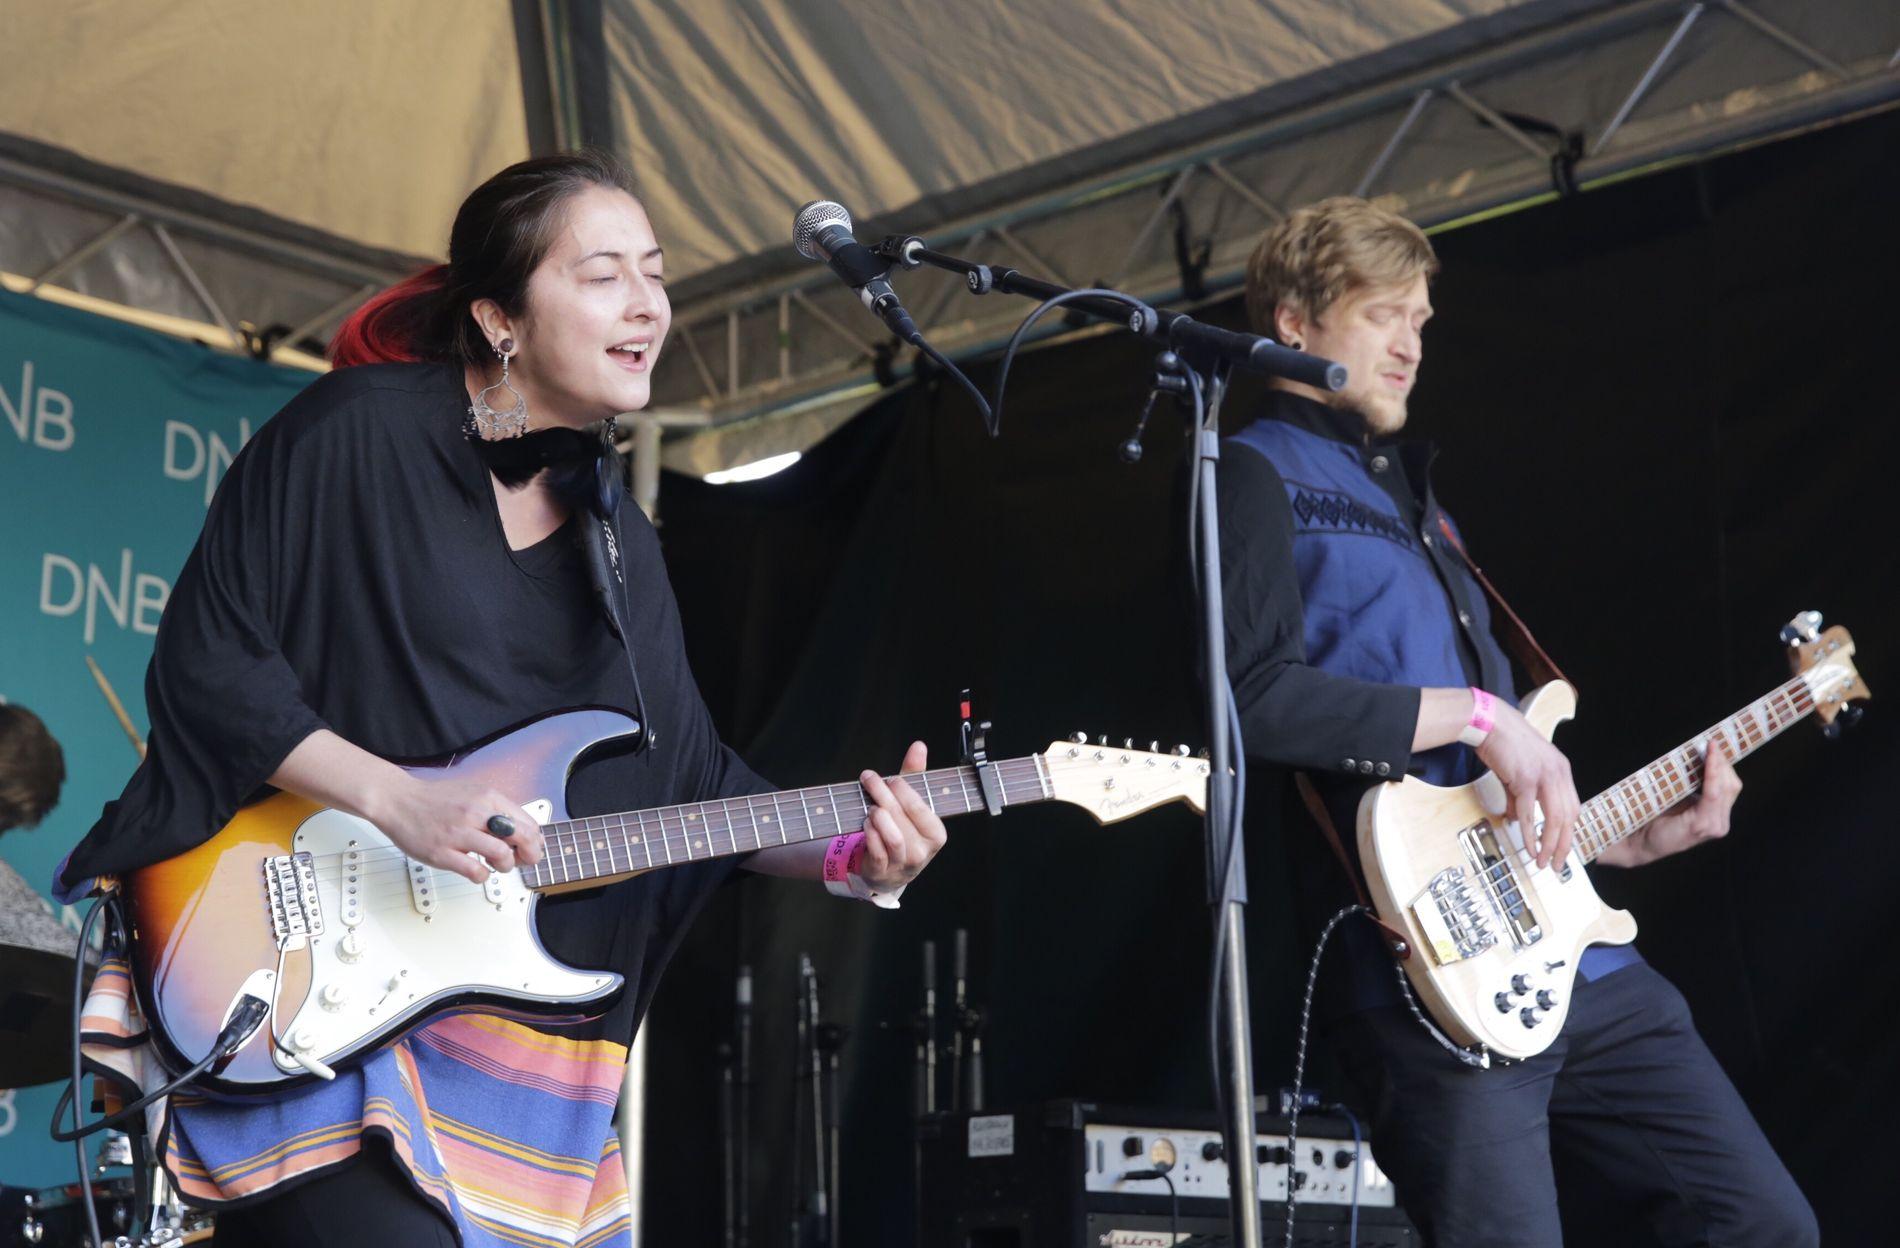 GITARSKRYT: Vokalist og gitarist Marie Kristin Dale har fått mye skryt for sine spilleferdigheter. Mandag spiller hun på Lille Ole Bull.